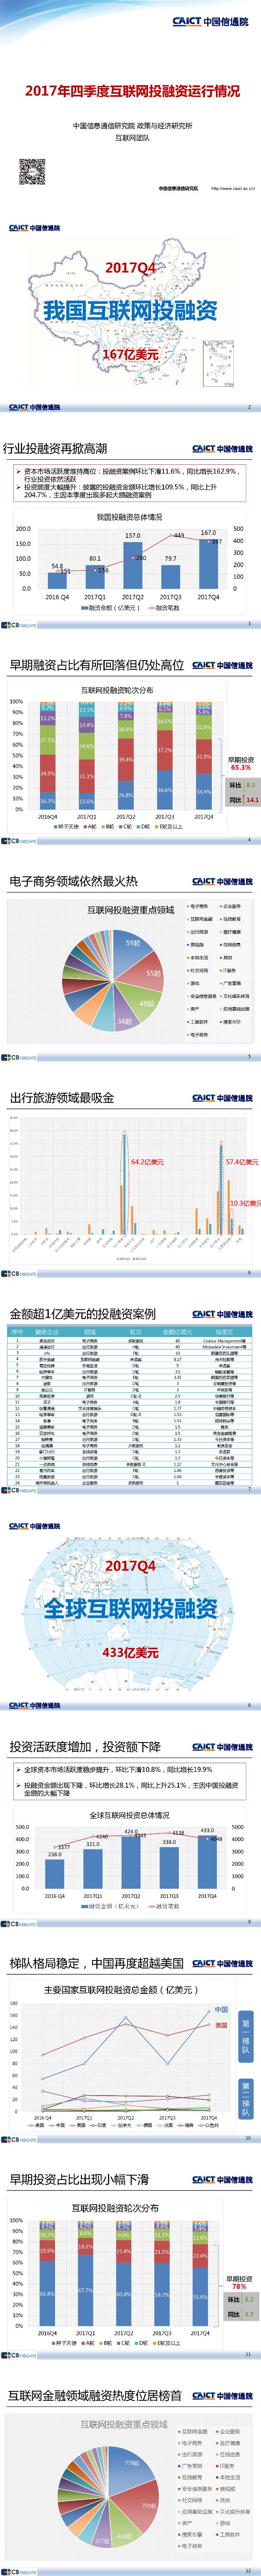 中国信通院:《2017年Q4互联网行业市场运行情况报告》(PPT)